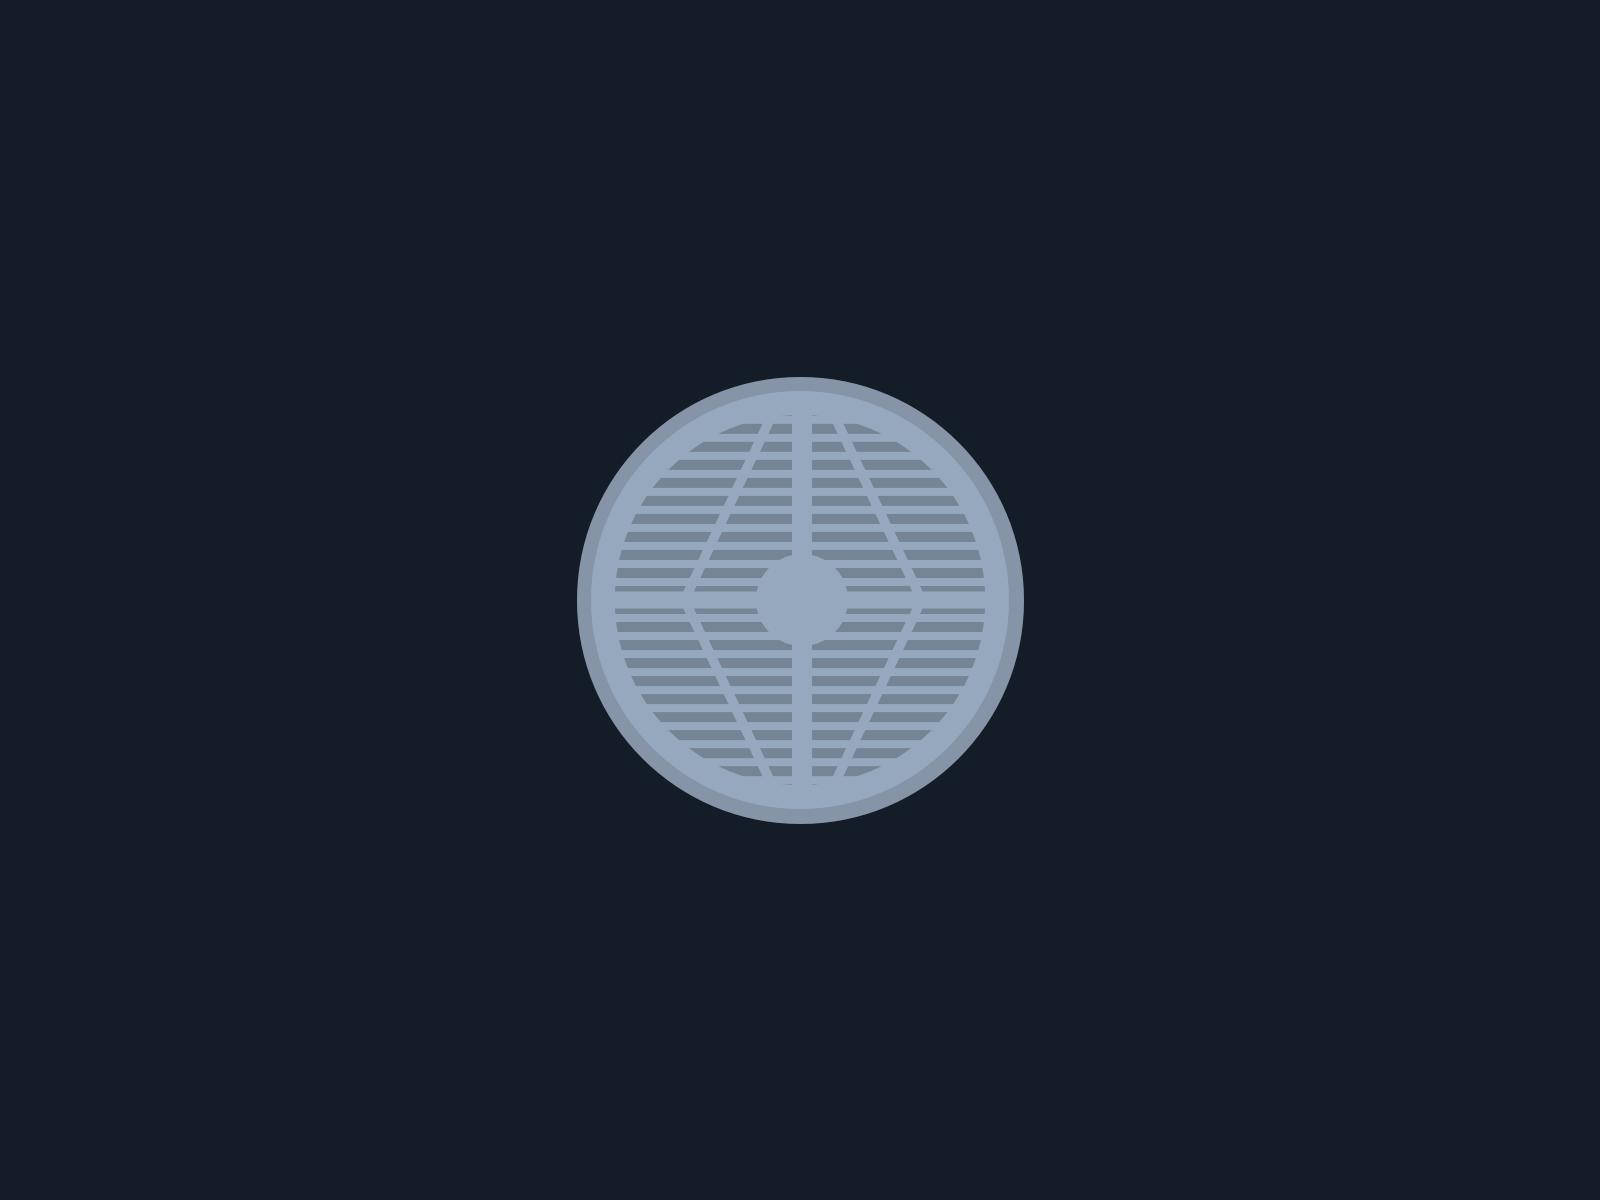 A New York man hole cover, sans the Con Edison logo.